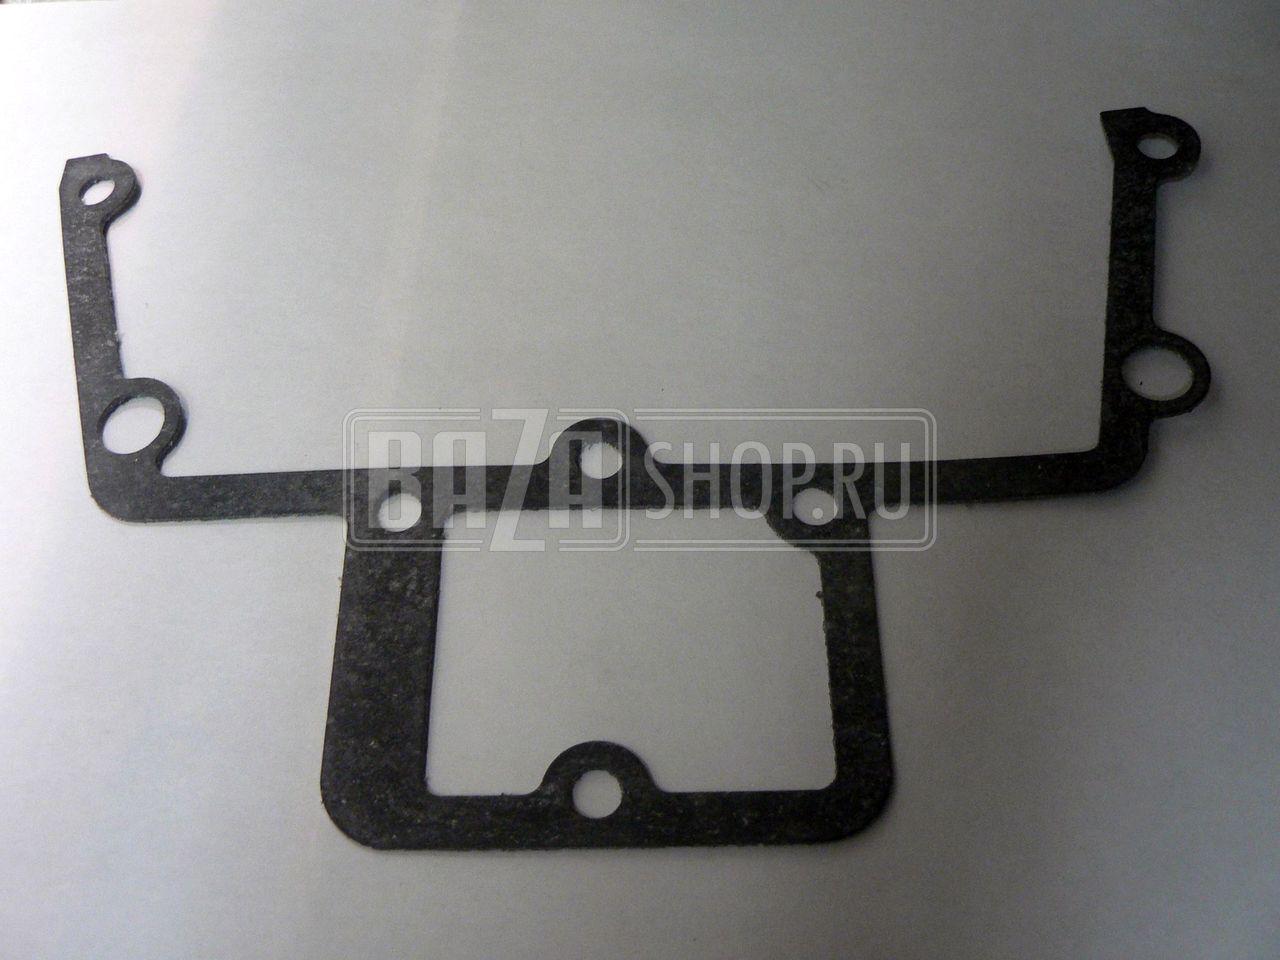 Прокладка задней крышки теплообменника Уплотнения теплообменника Sondex S41 Оренбург